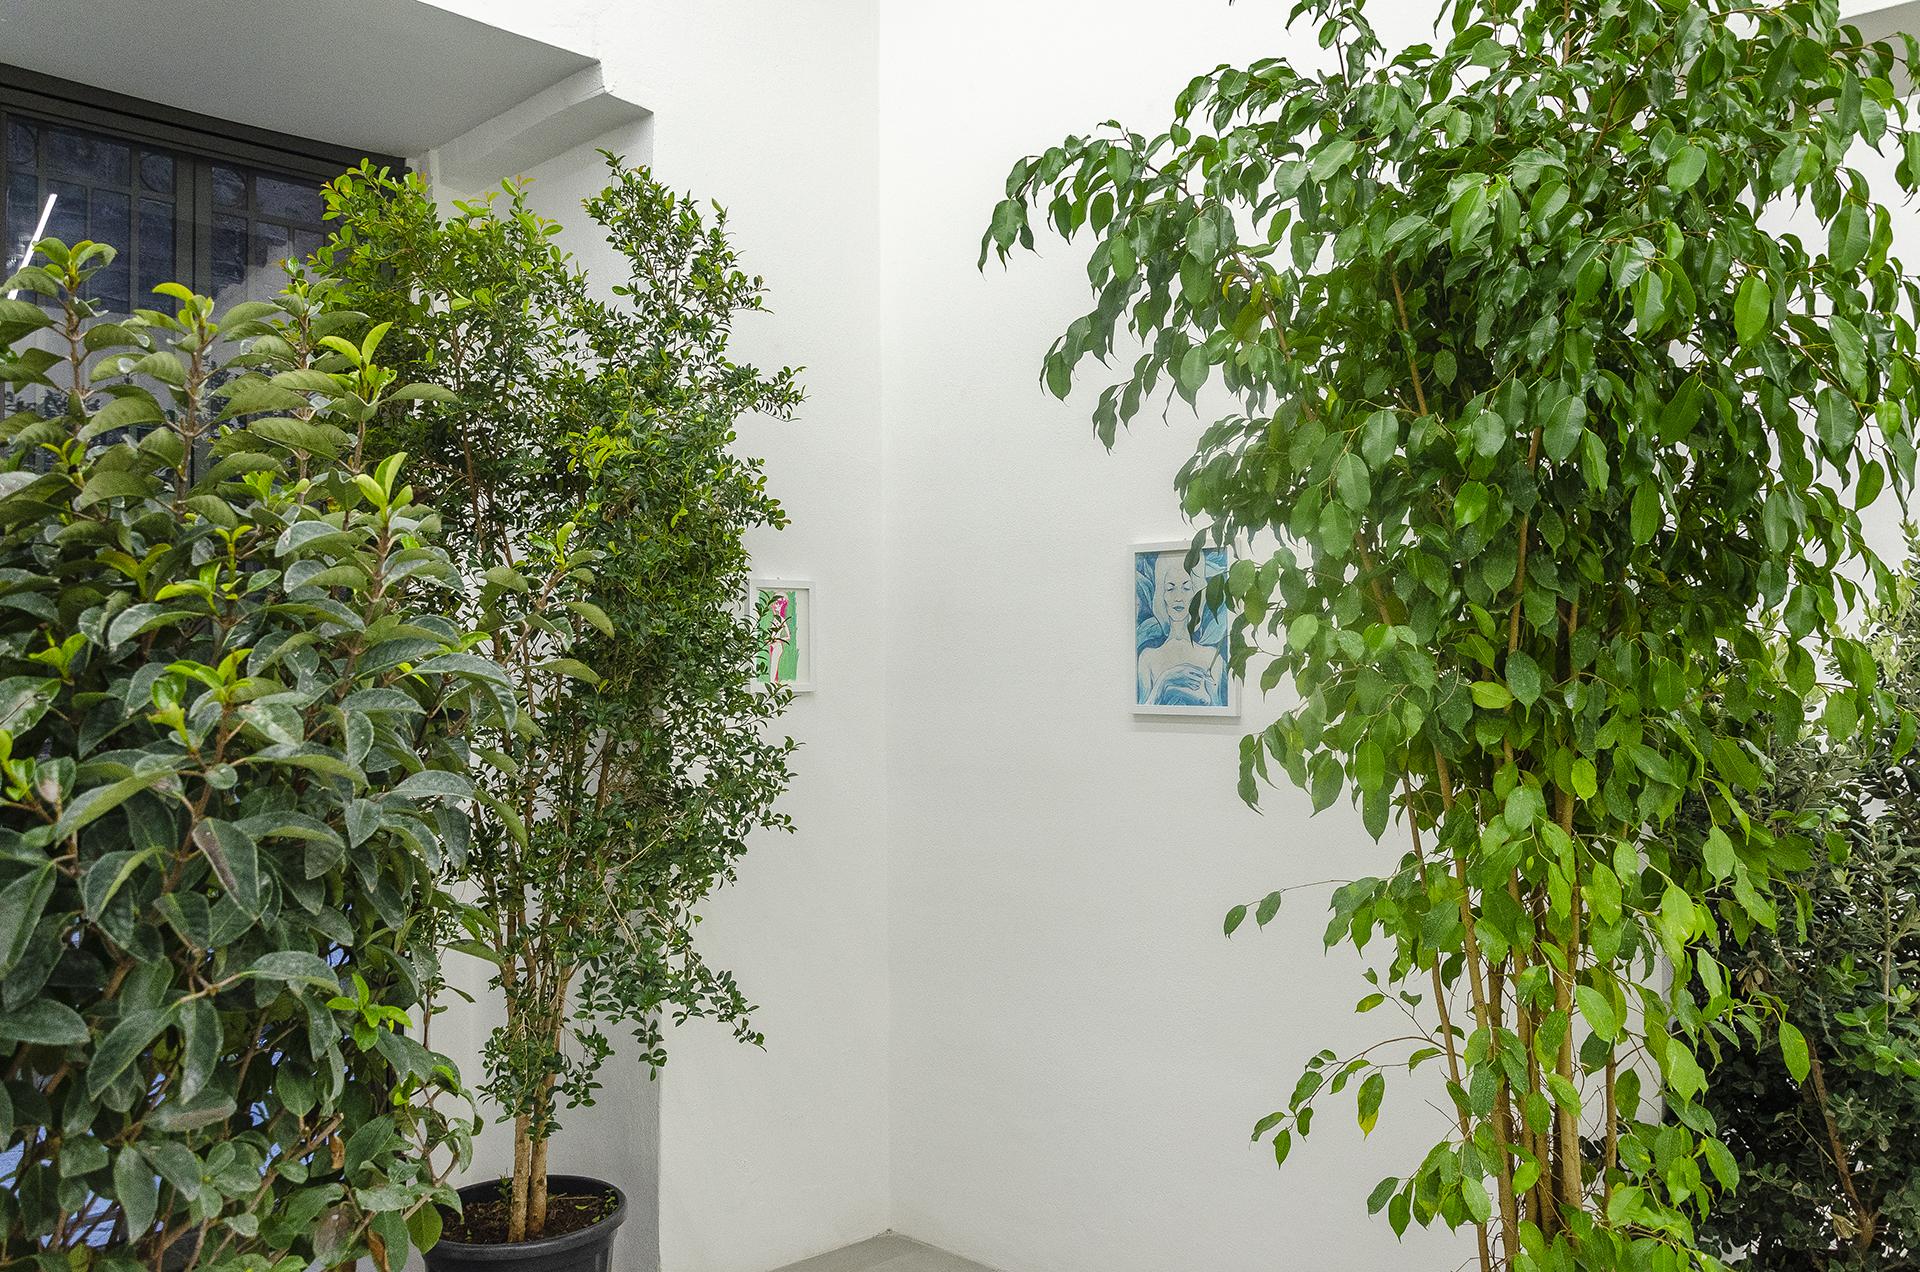 Luigi Presicce - Homo Sapiens Sapiens Sapiens - Installation view - Vista dell'installazione - Exhibition - Mostra personale - RizzutoGallery - Palermo